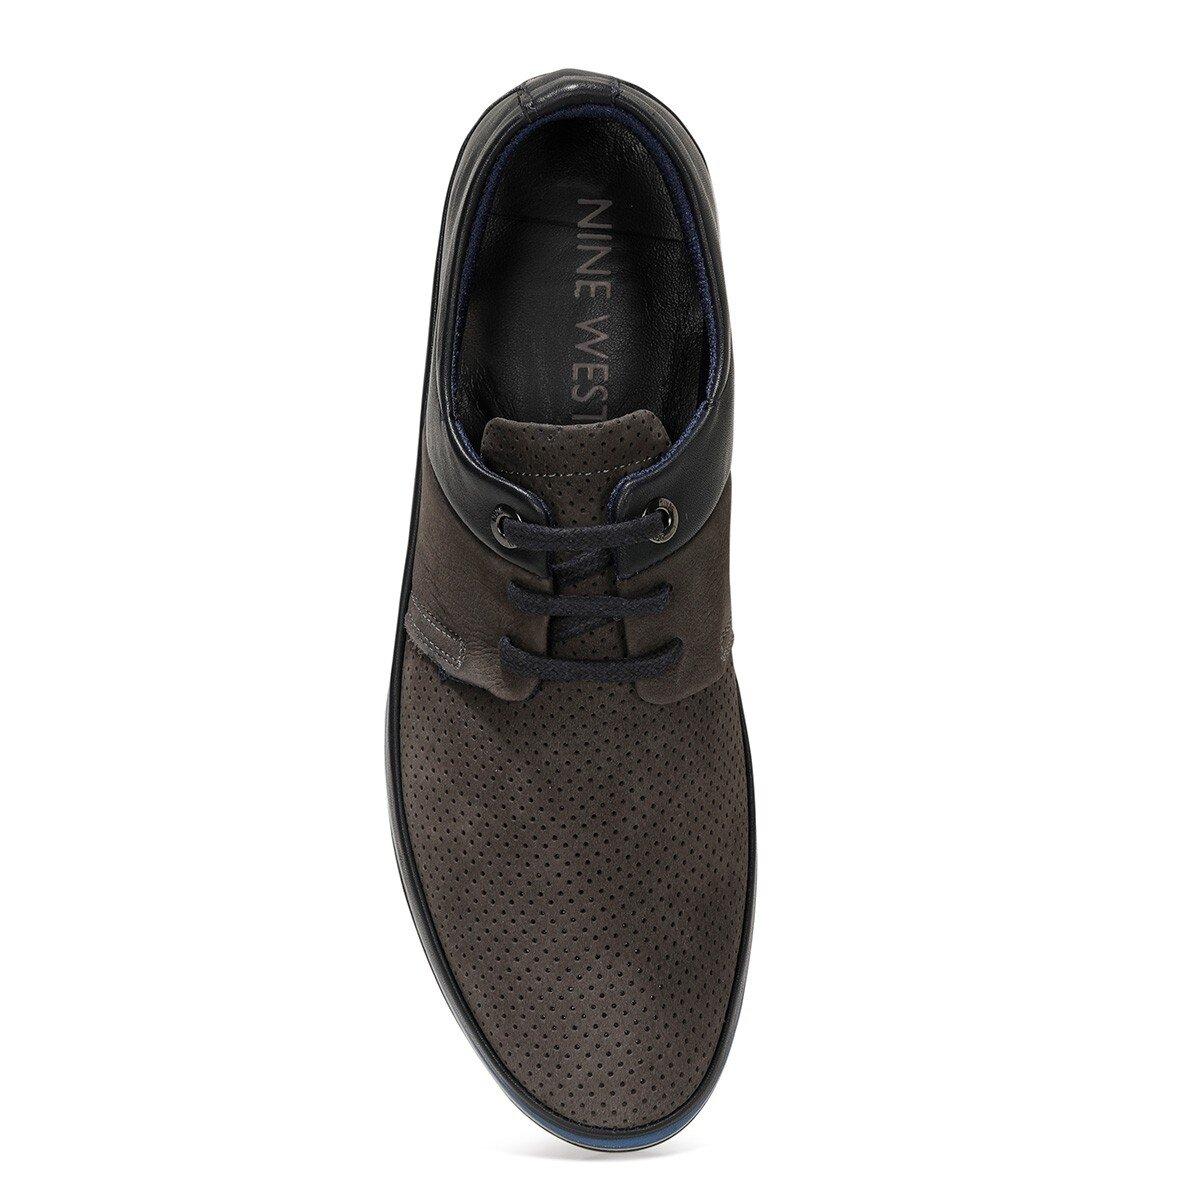 MOLEN 1FX Haki Erkek Klasik Ayakkabı